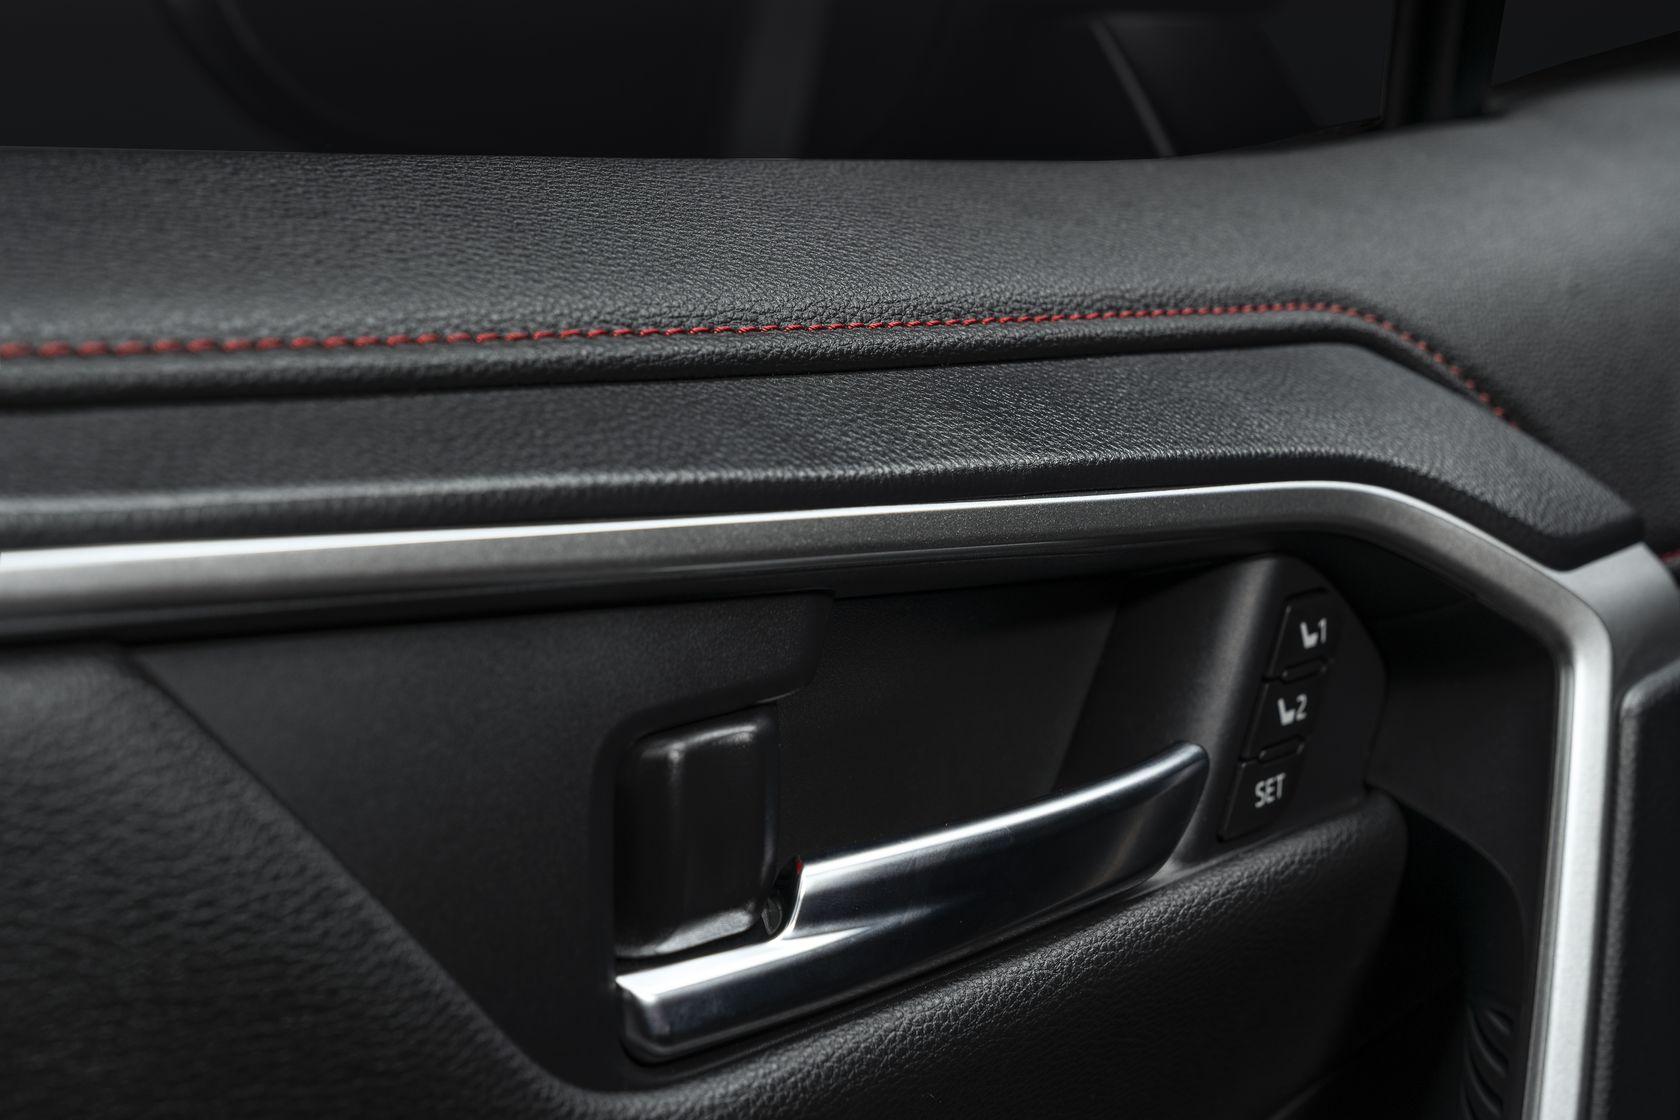 2021 RAV4-Prime Interior 11